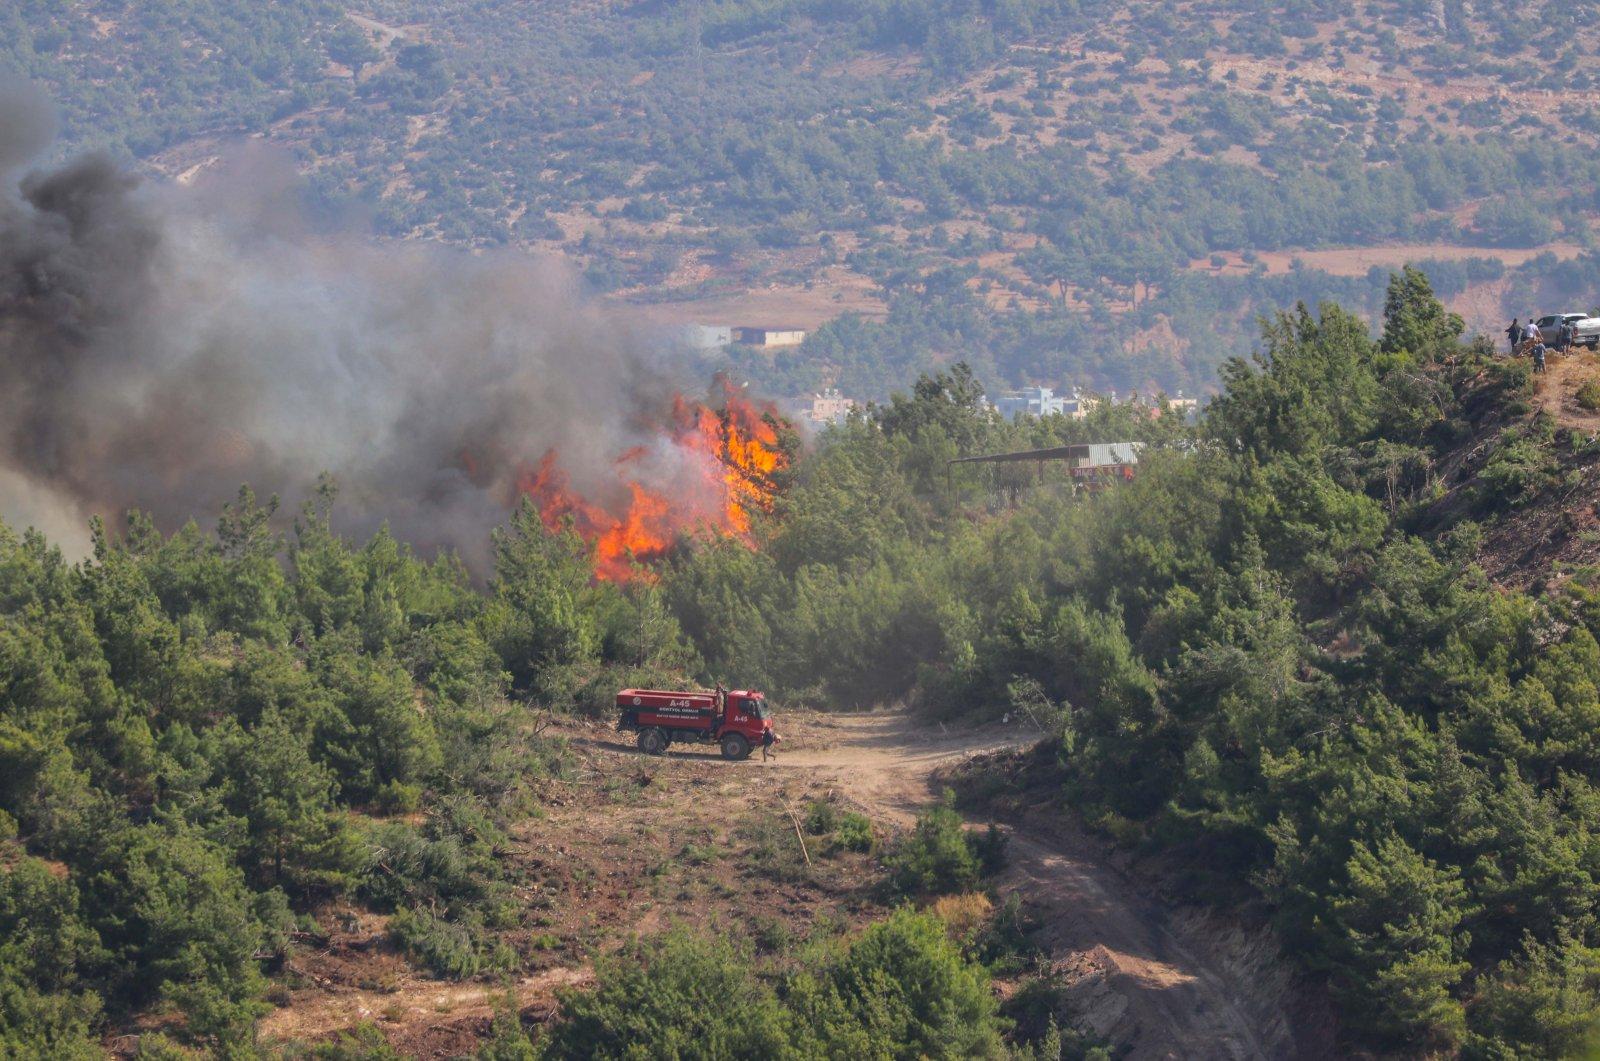 Un incendie de forêt à Hatay en Turquie est totalement sous contrôle